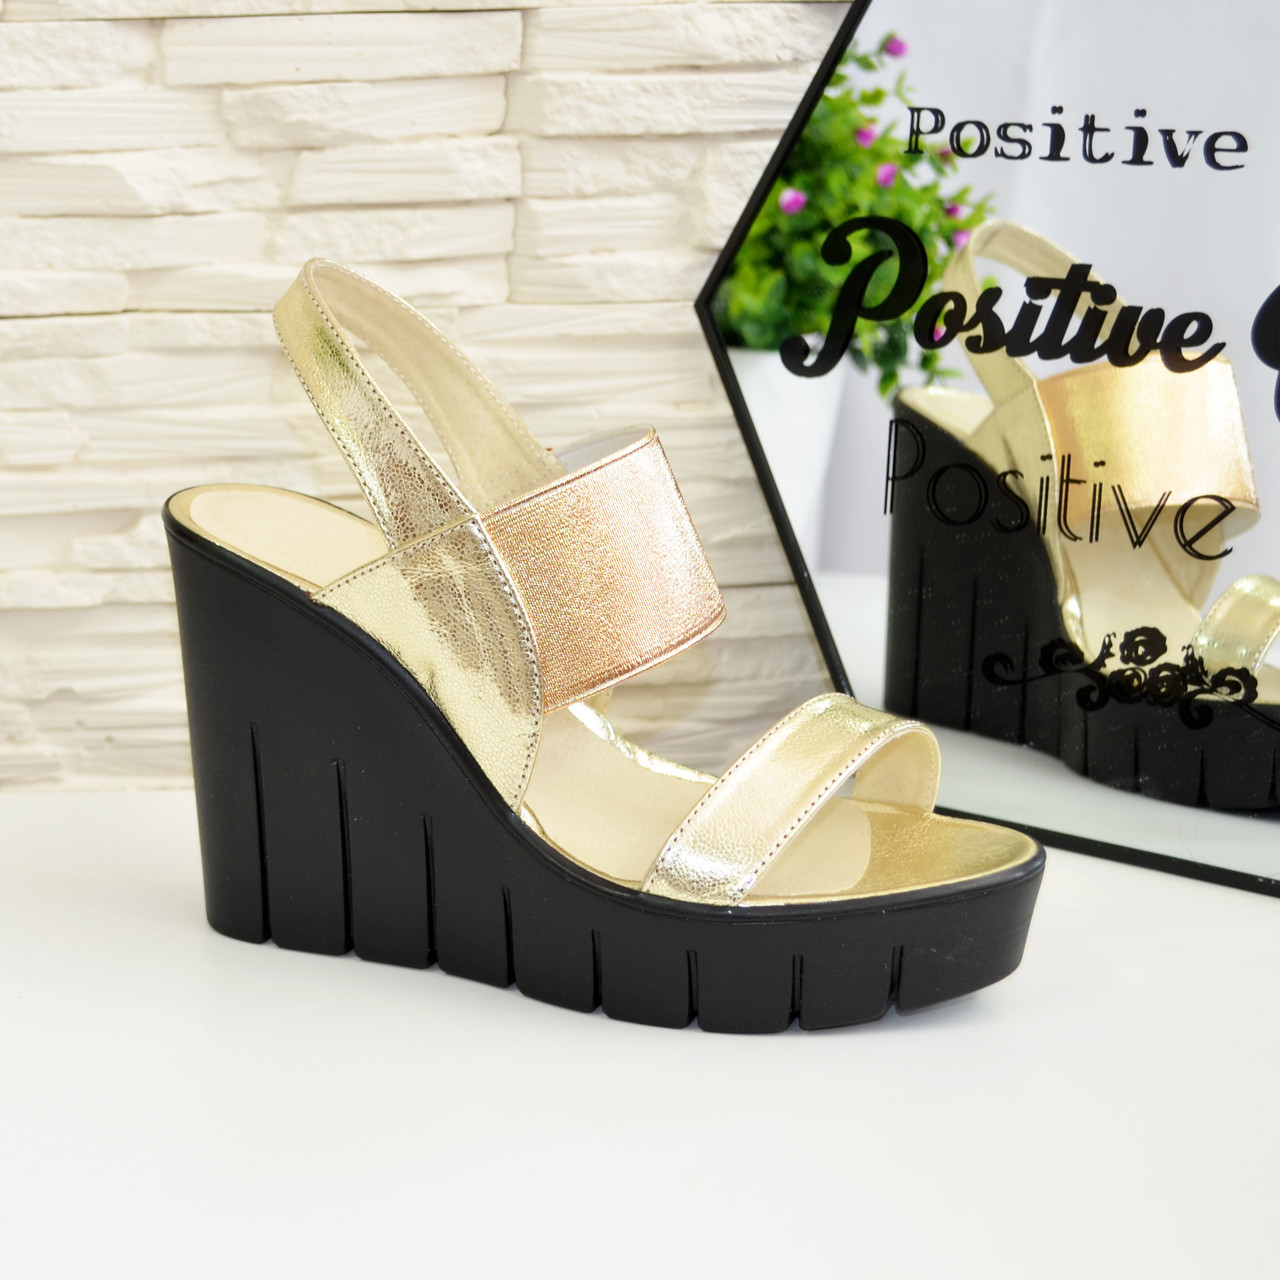 947763866f9e Женские кожаные босоножки на высокой черной платформе. Цвет золото.:  продажа, цена ...